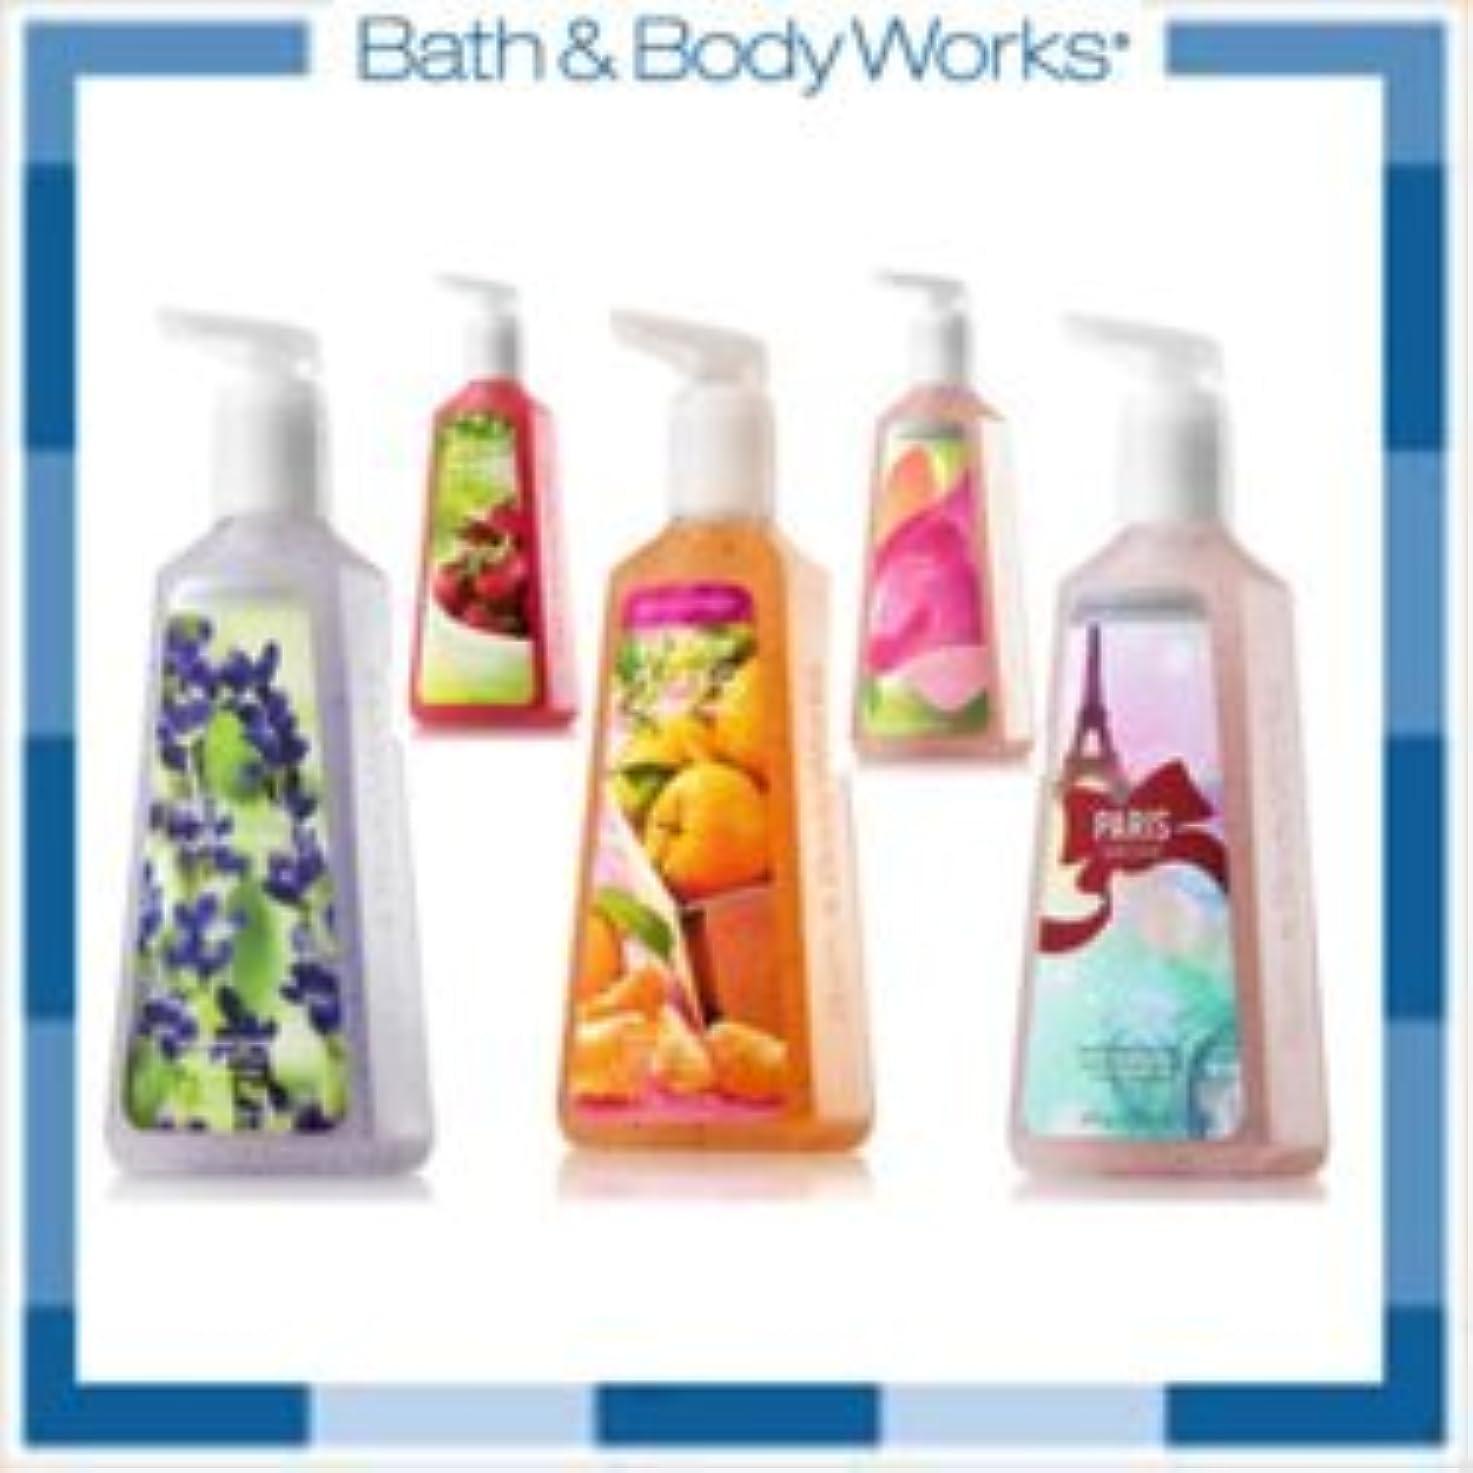 軽く大陸冗長Bath & Body Works ハンドソープ 8本詰め合わせセット (???????、??????????????or MIX) 【平行輸入品】 (ディープクレンジング  (8本))